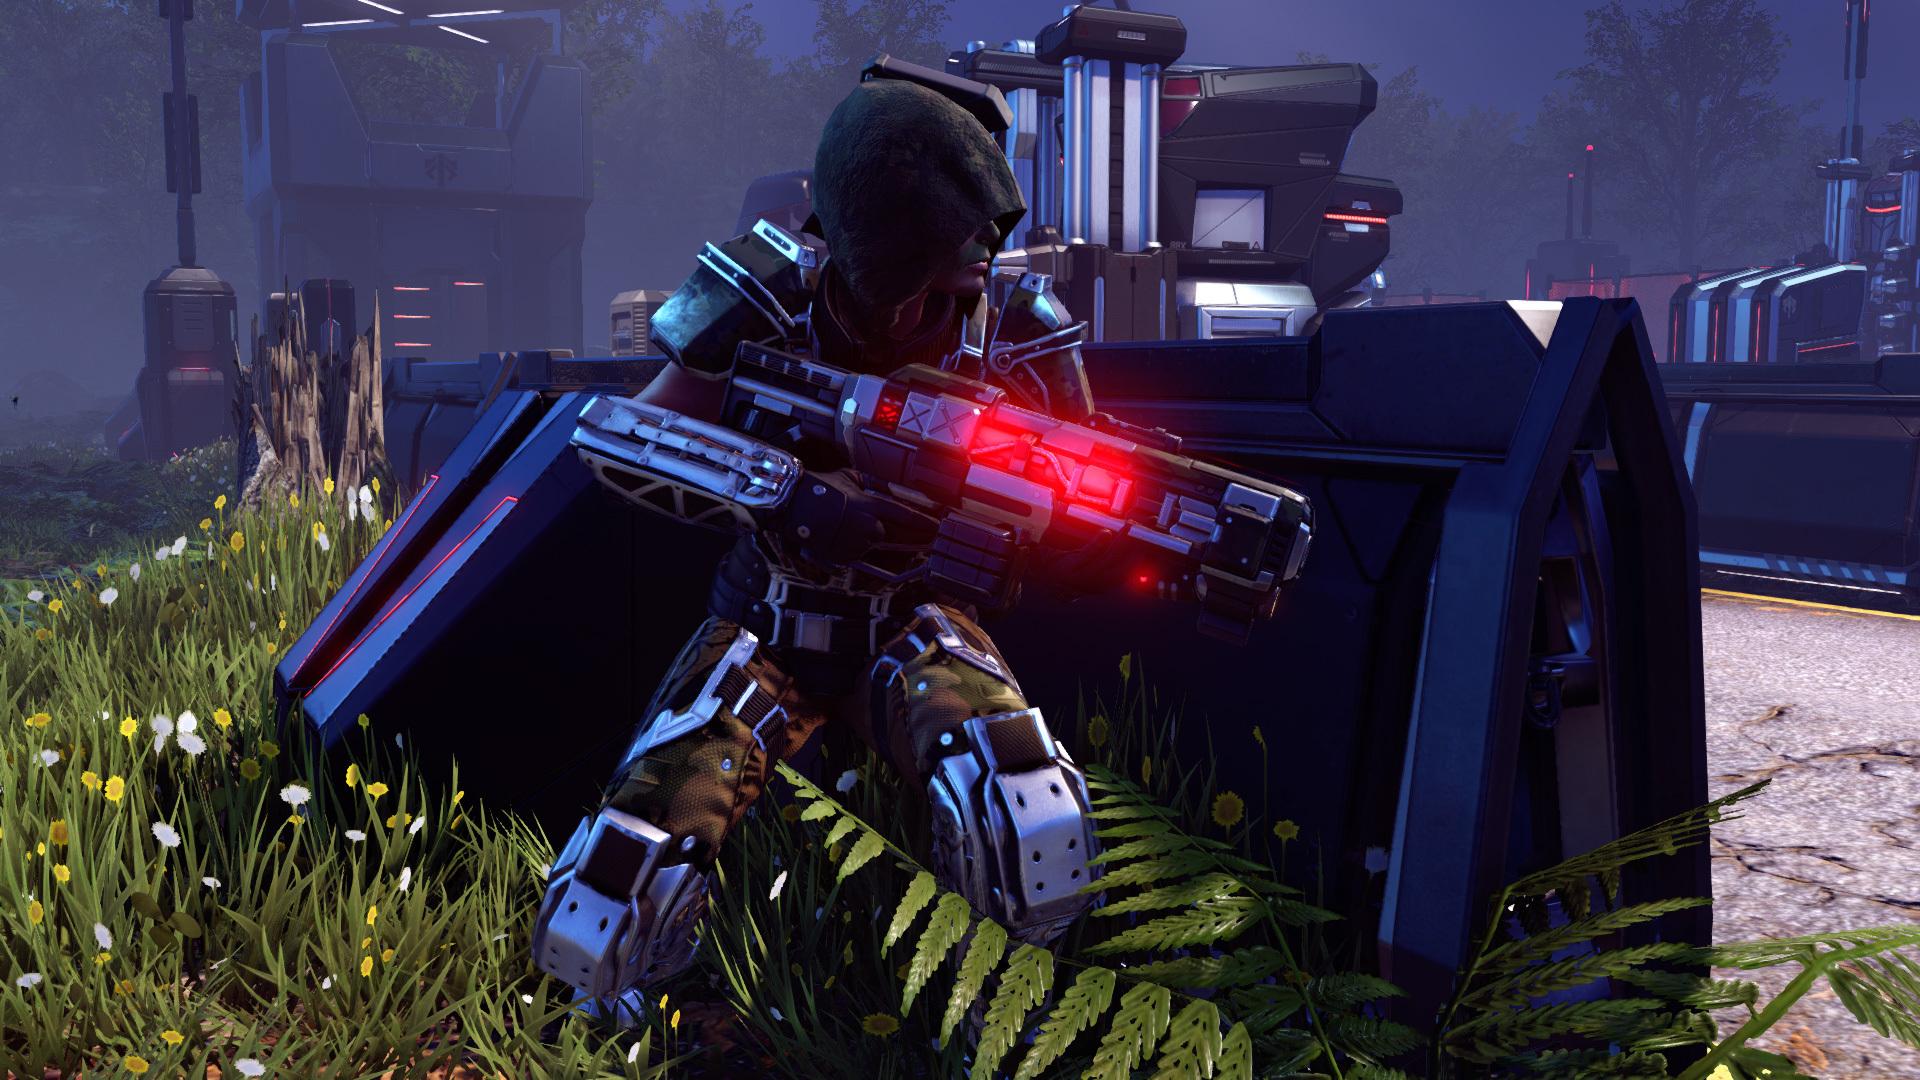 Aug 6, 2016 Long War dev's alien mod whacks in new XCOM